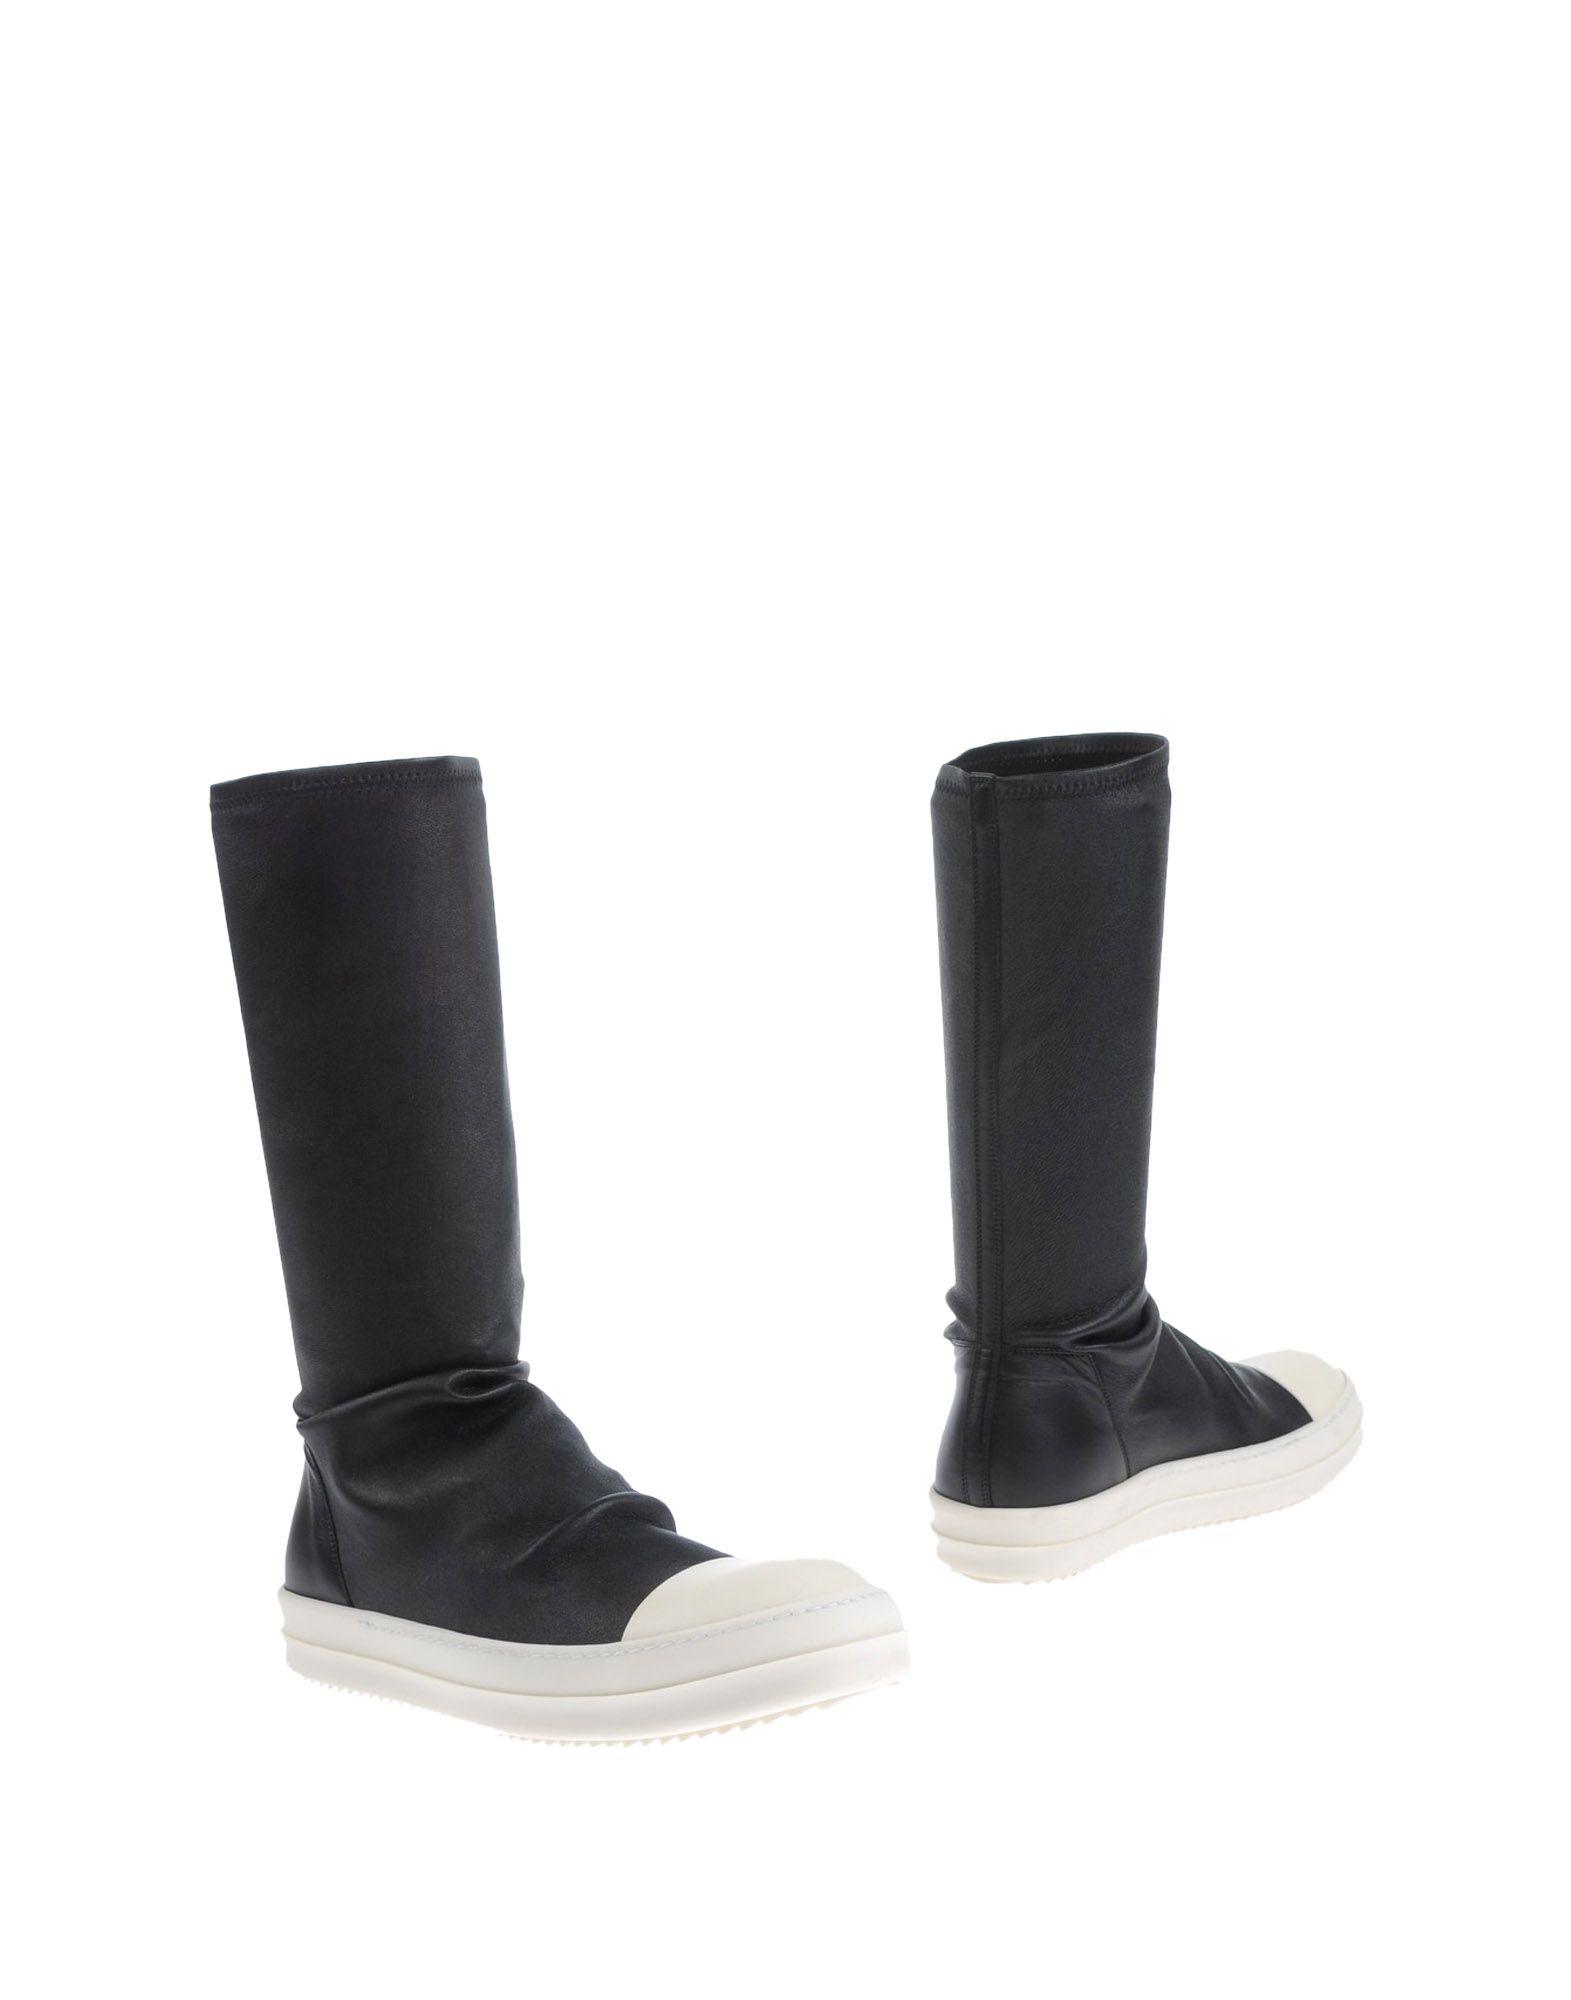 Rick Owens Stiefelette Herren  11330185DX Gute Qualität beliebte Schuhe